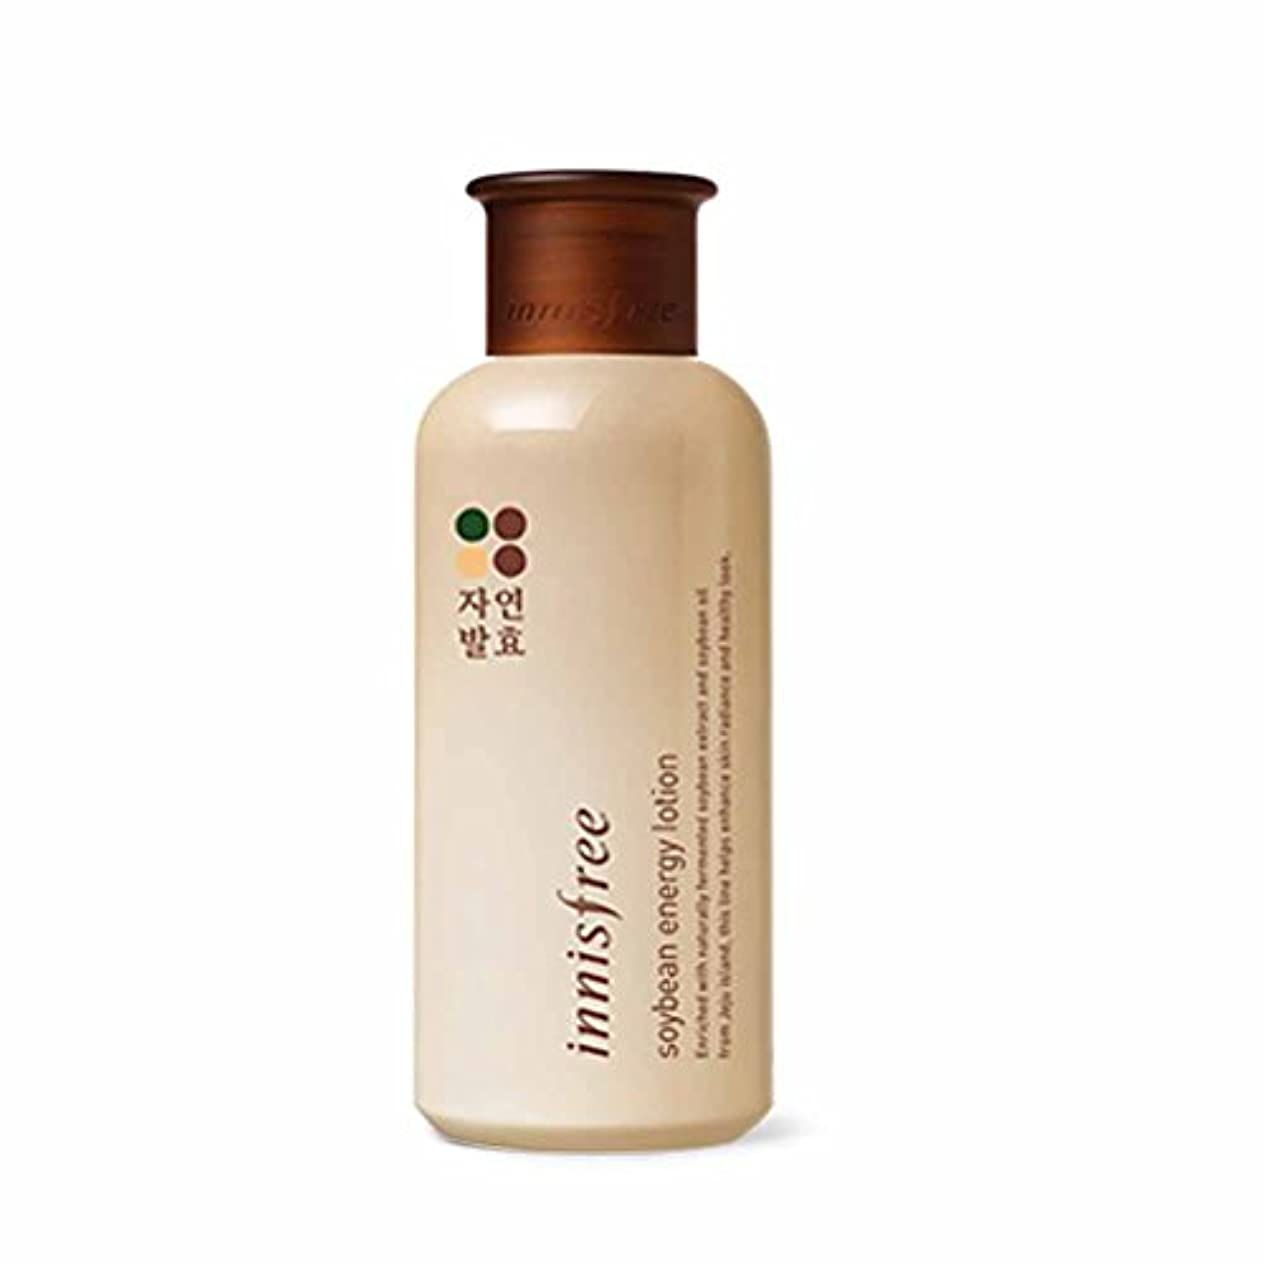 刈る副クロスイニスフリーソイビーンエナジースキン(トナー)200ml / Innisfree Soybean Energy Skin(Toner) 200ml[海外直送品][並行輸入品]